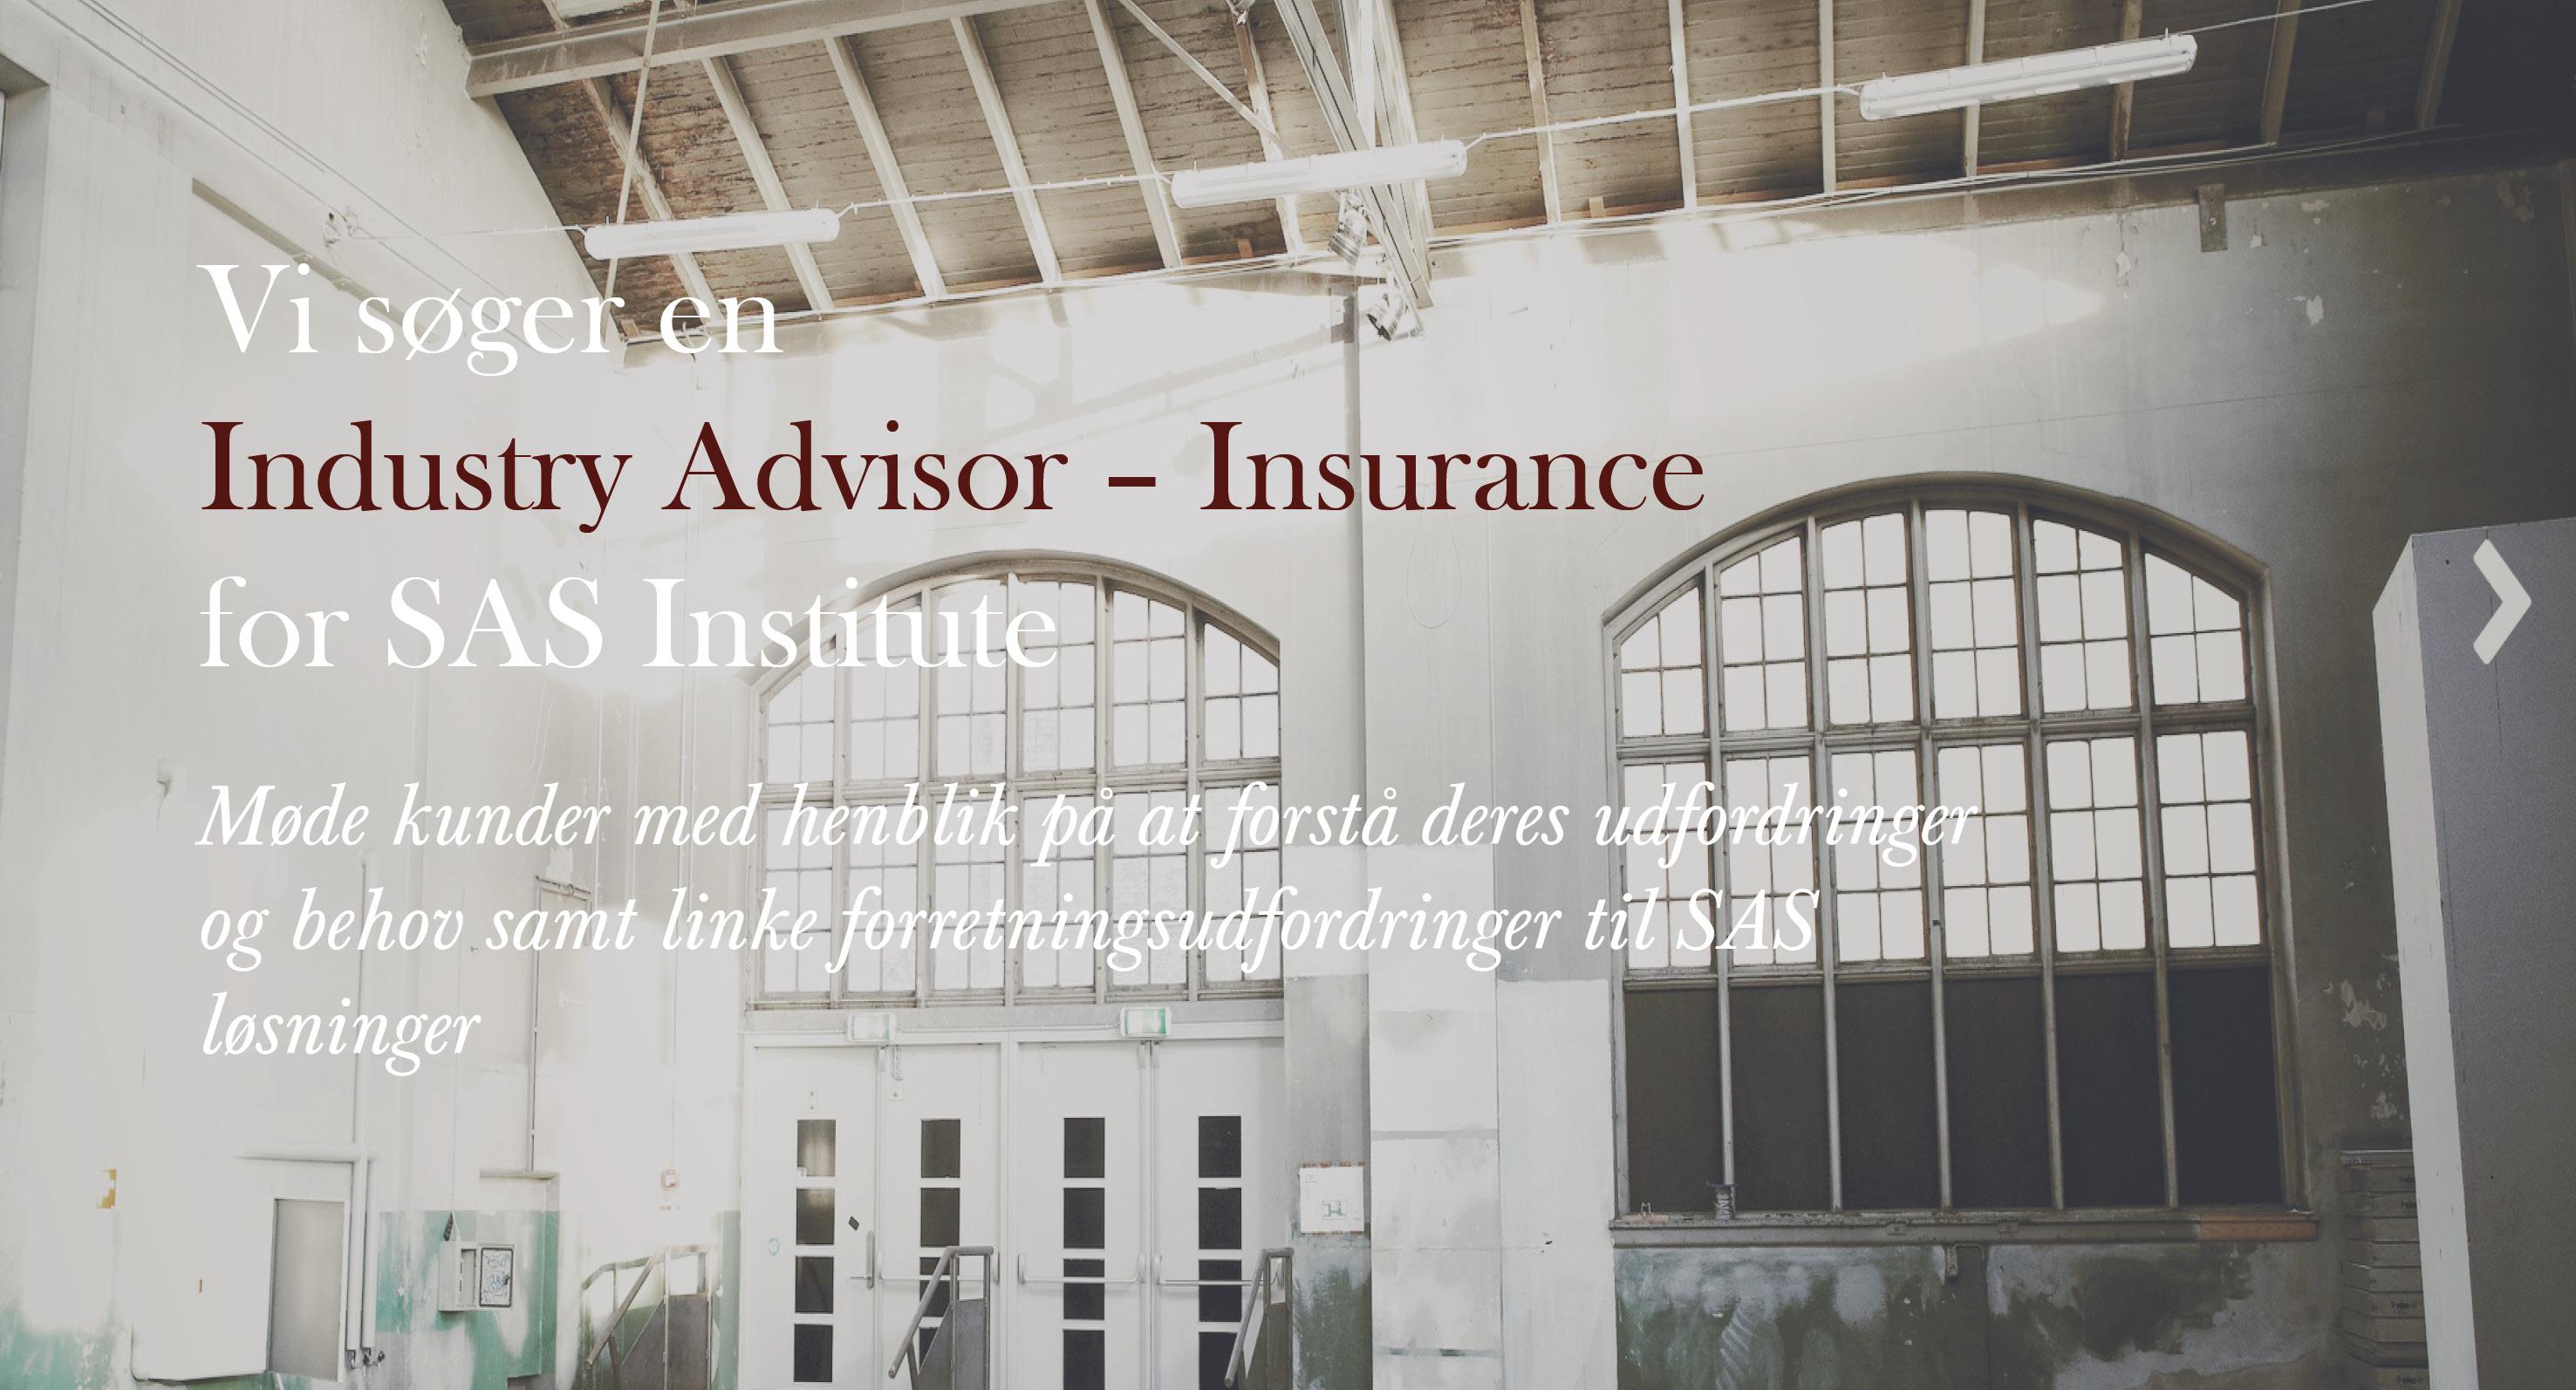 Industry Advisor - Insurance